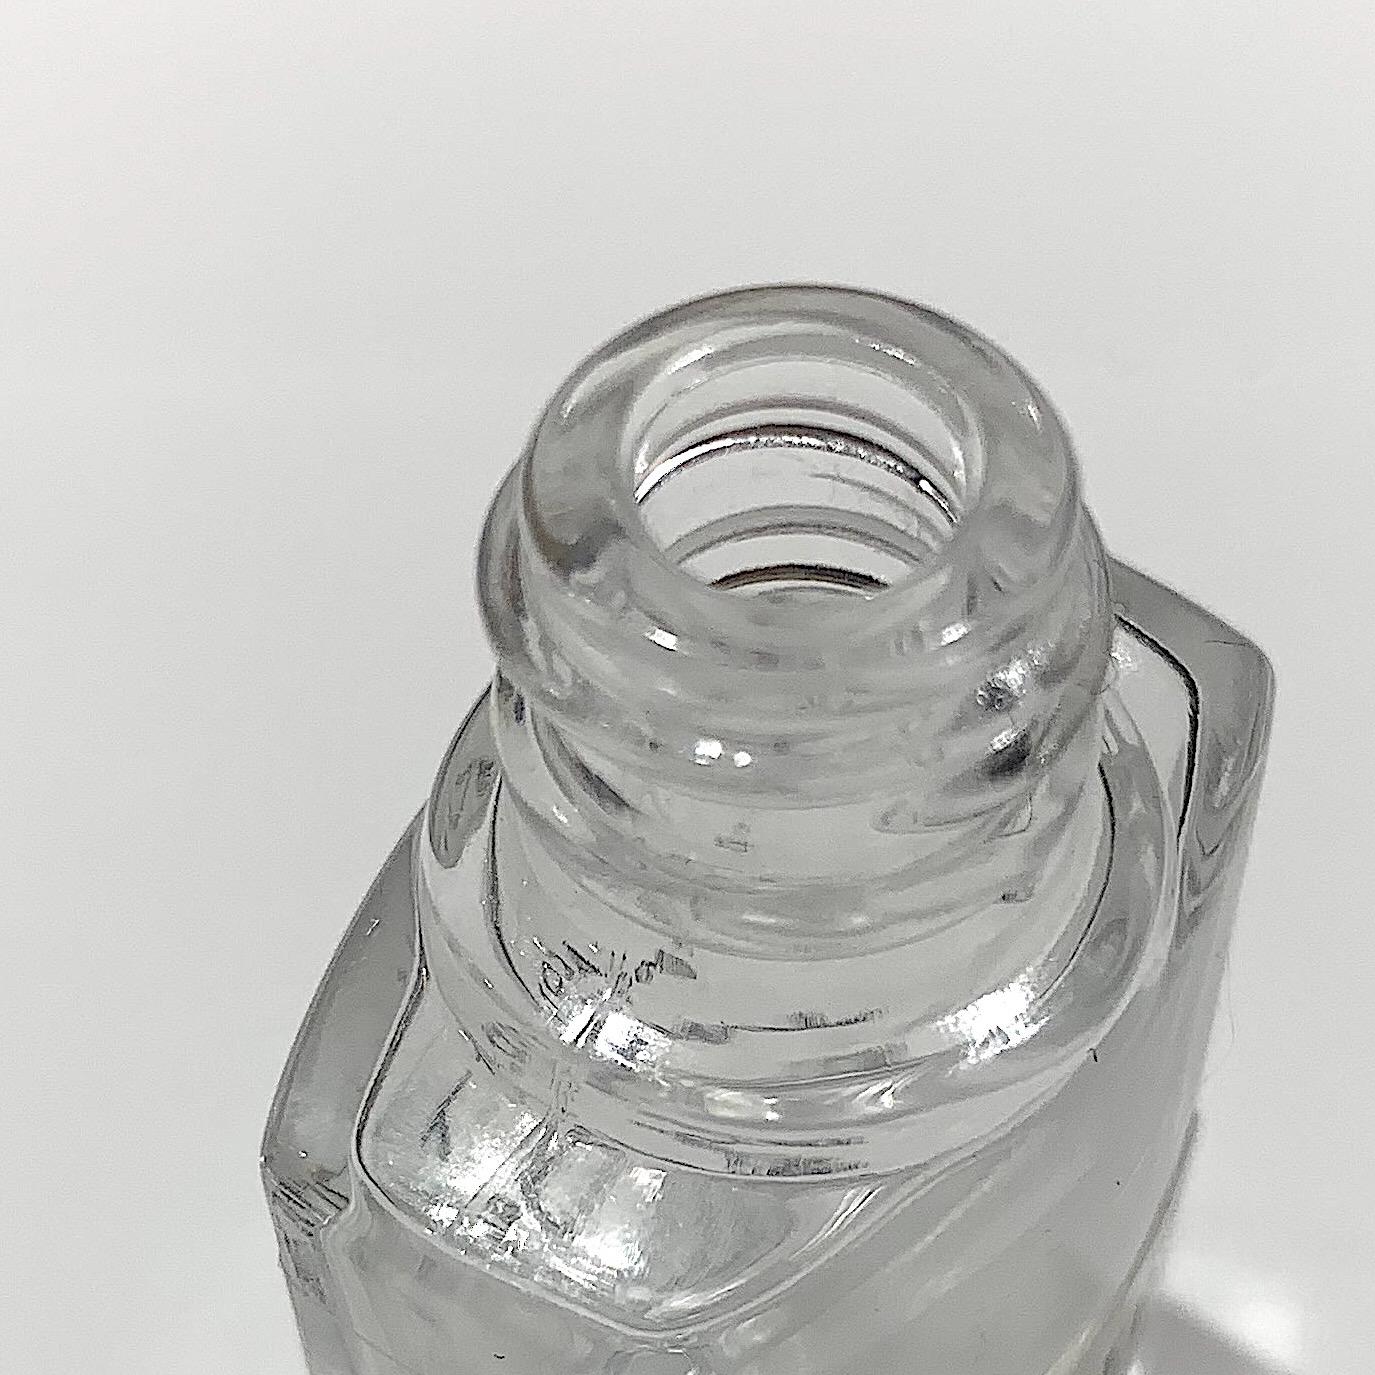 カシミア(パルファム)5mlミニボトル【2020年最新作】MACOTT 限定熟成香水